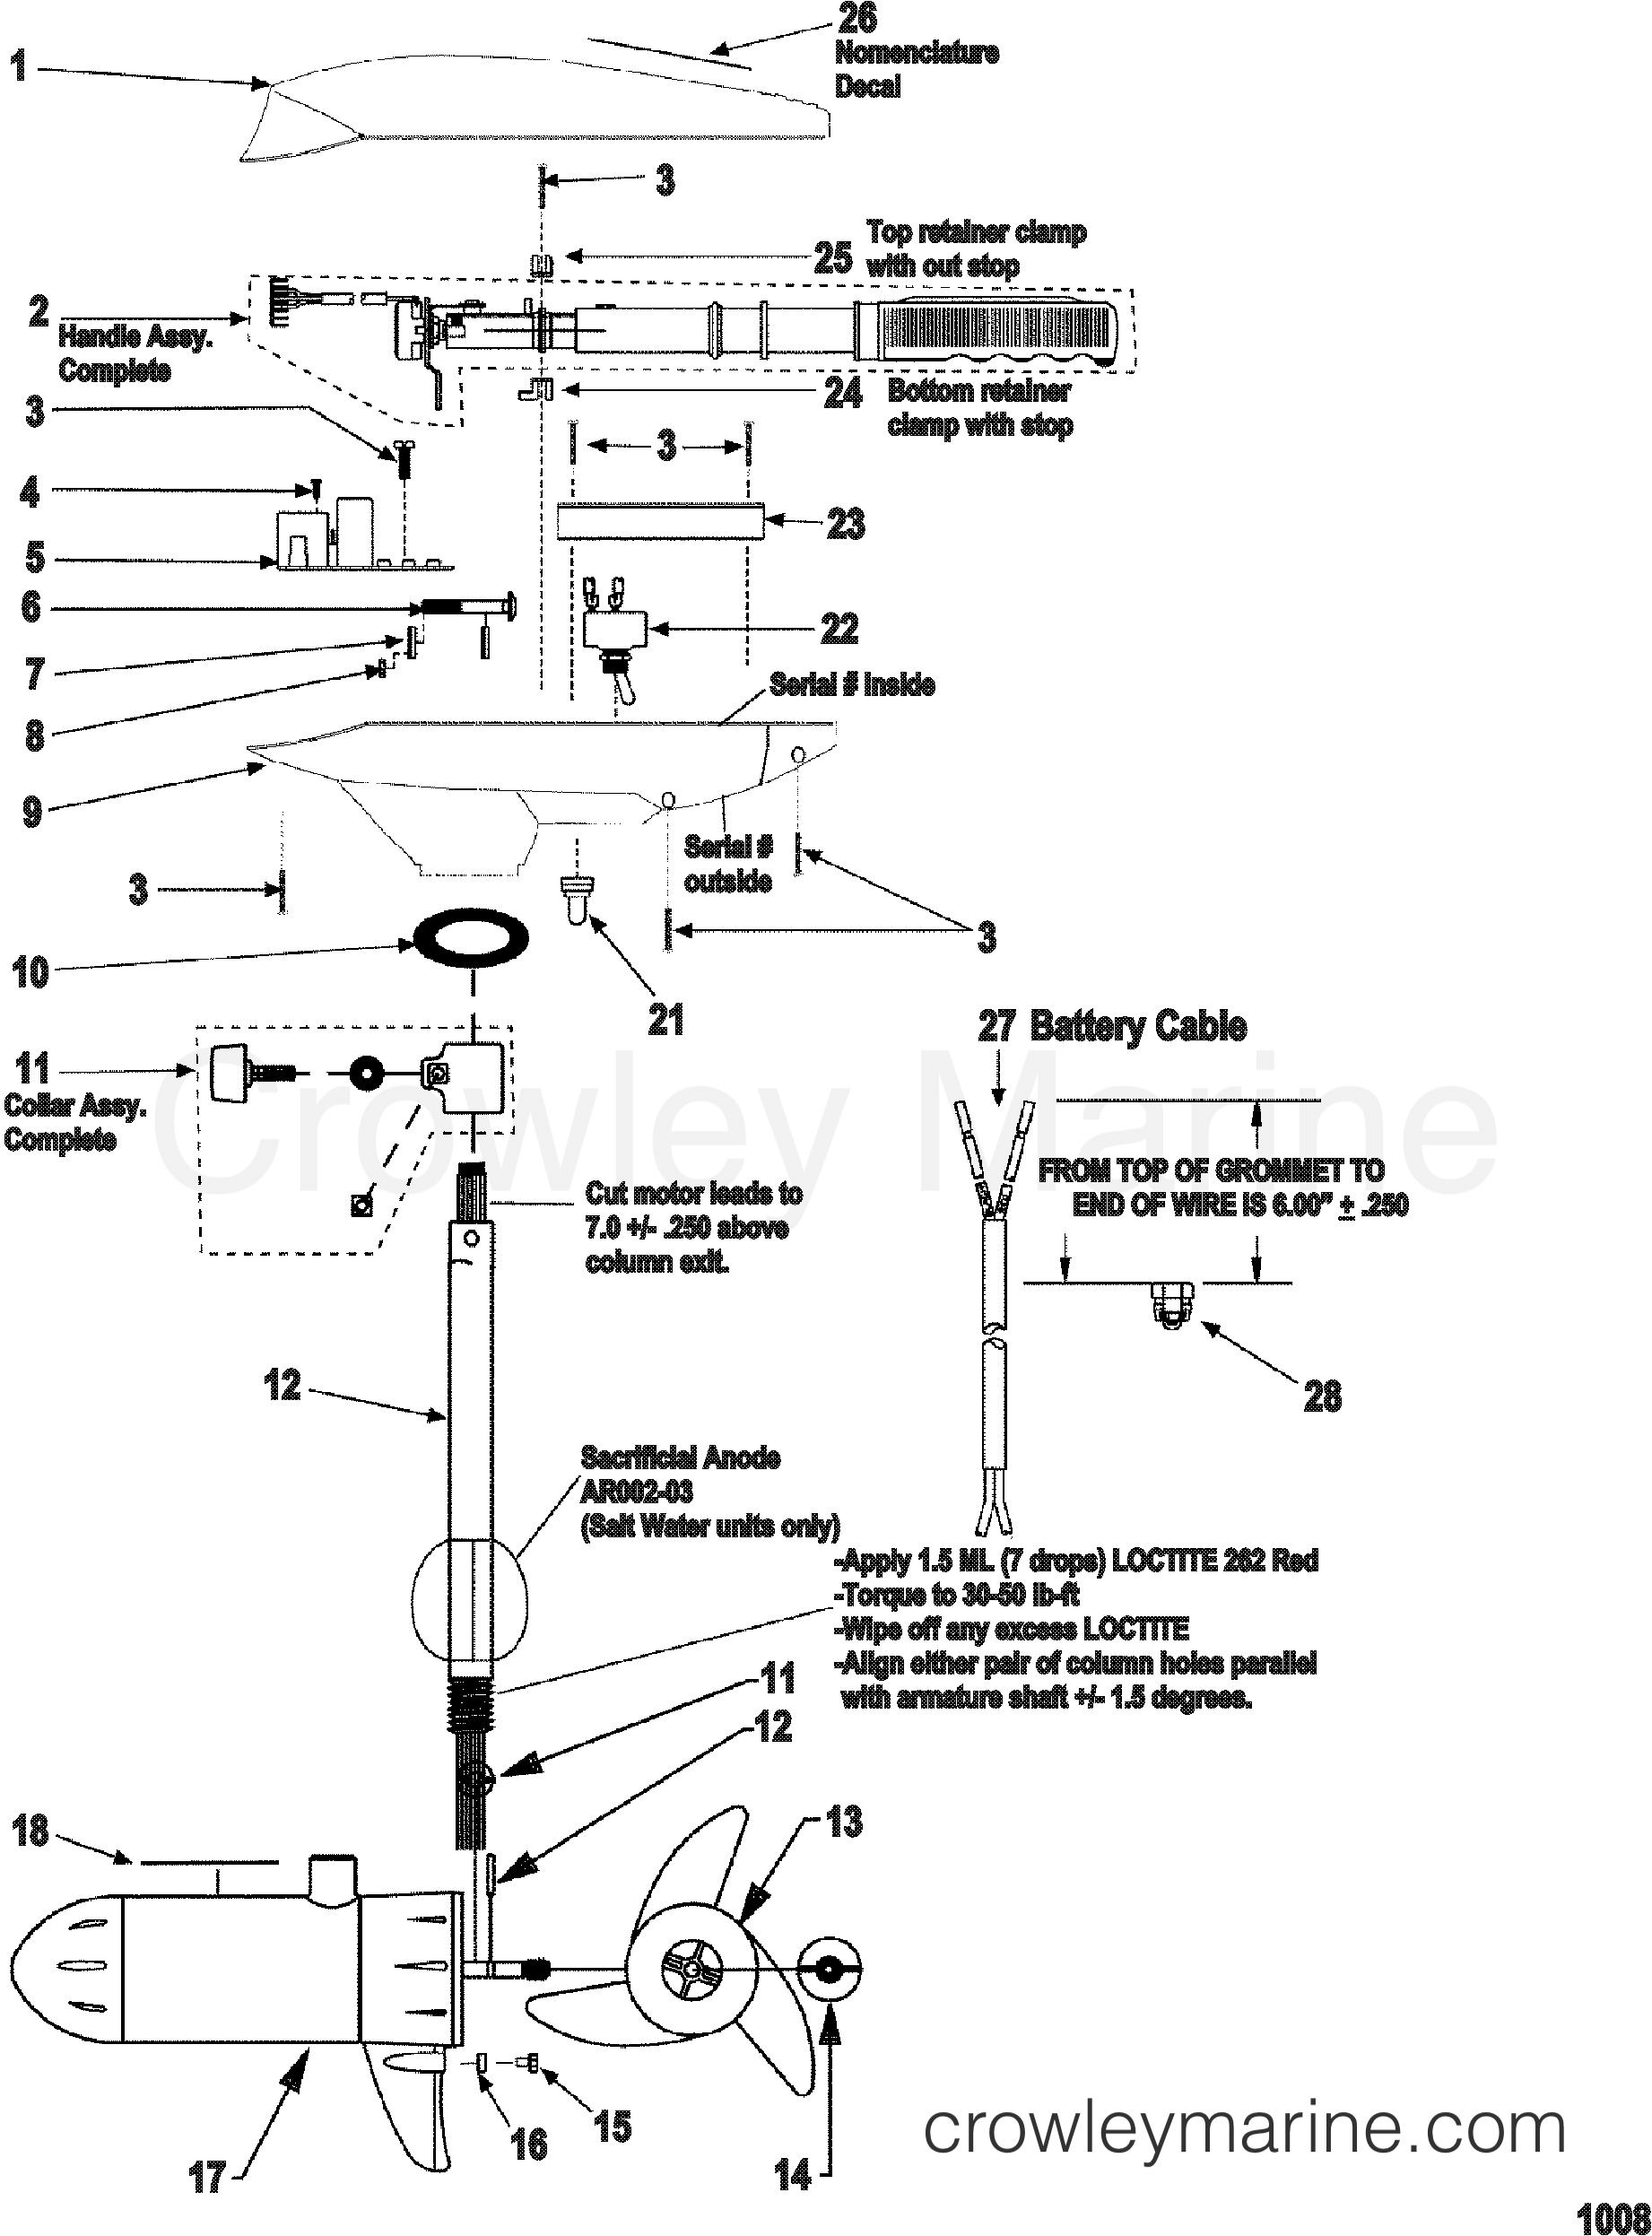 2000 MotorGuide 36V [MOTORGUIDE] - 9EF1072W1 COMPLETE TROLLING MOTOR(MODEL ET73V) (24 VOLT) section